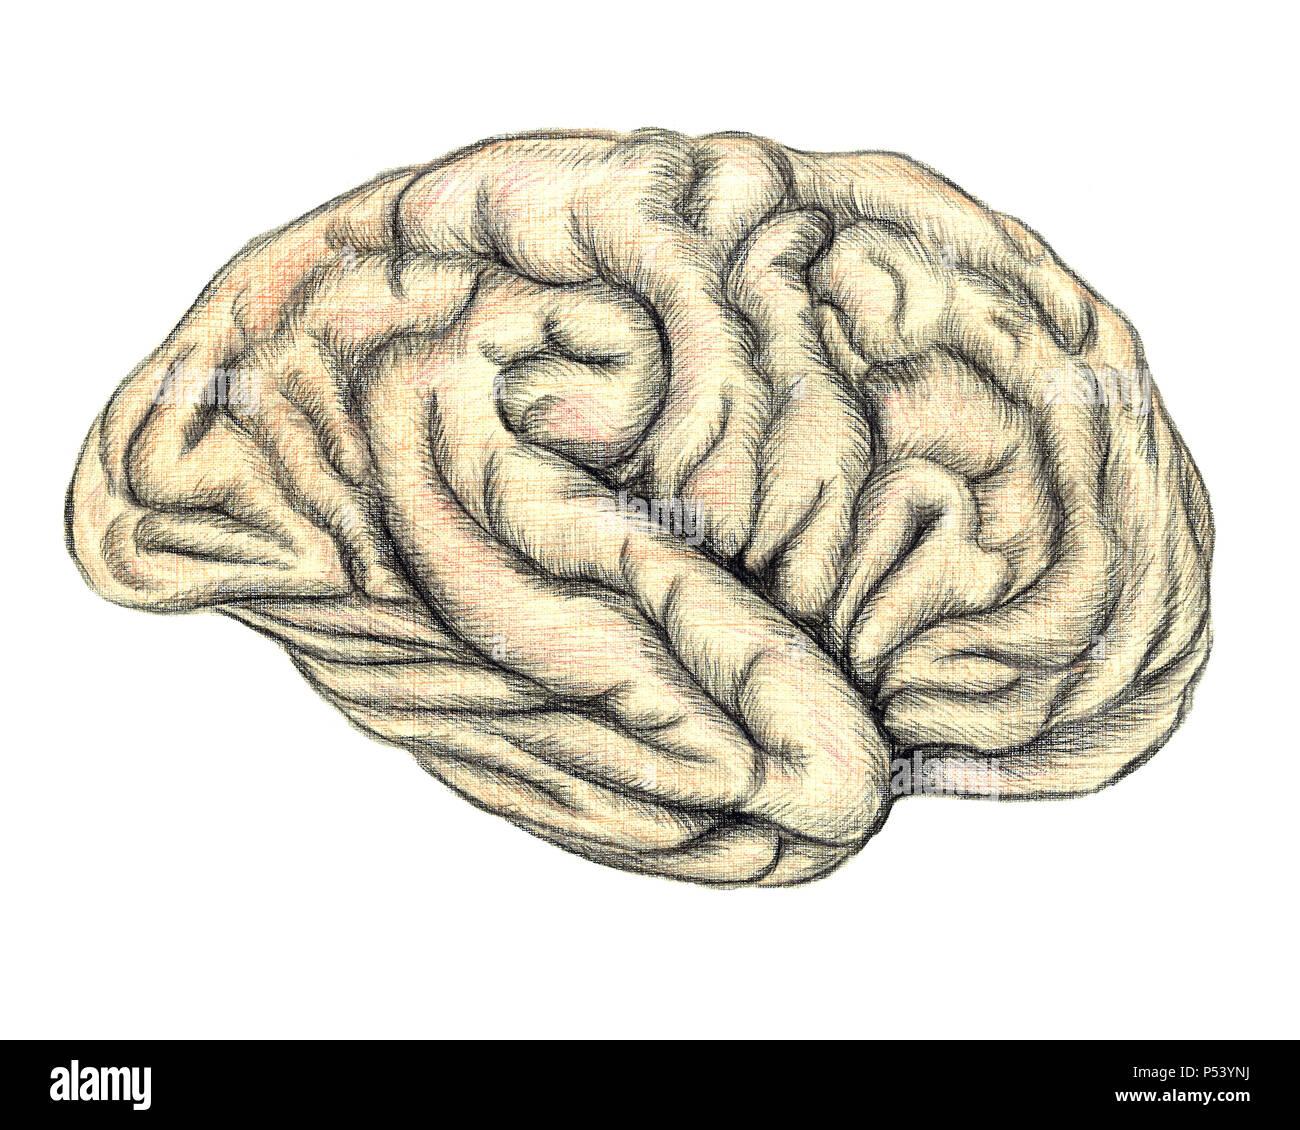 Vue latérale du cerveau humain, illustration médicale dessiné à la main, crayons de couleur dessin avec l'imitation de la lithographie Photo Stock